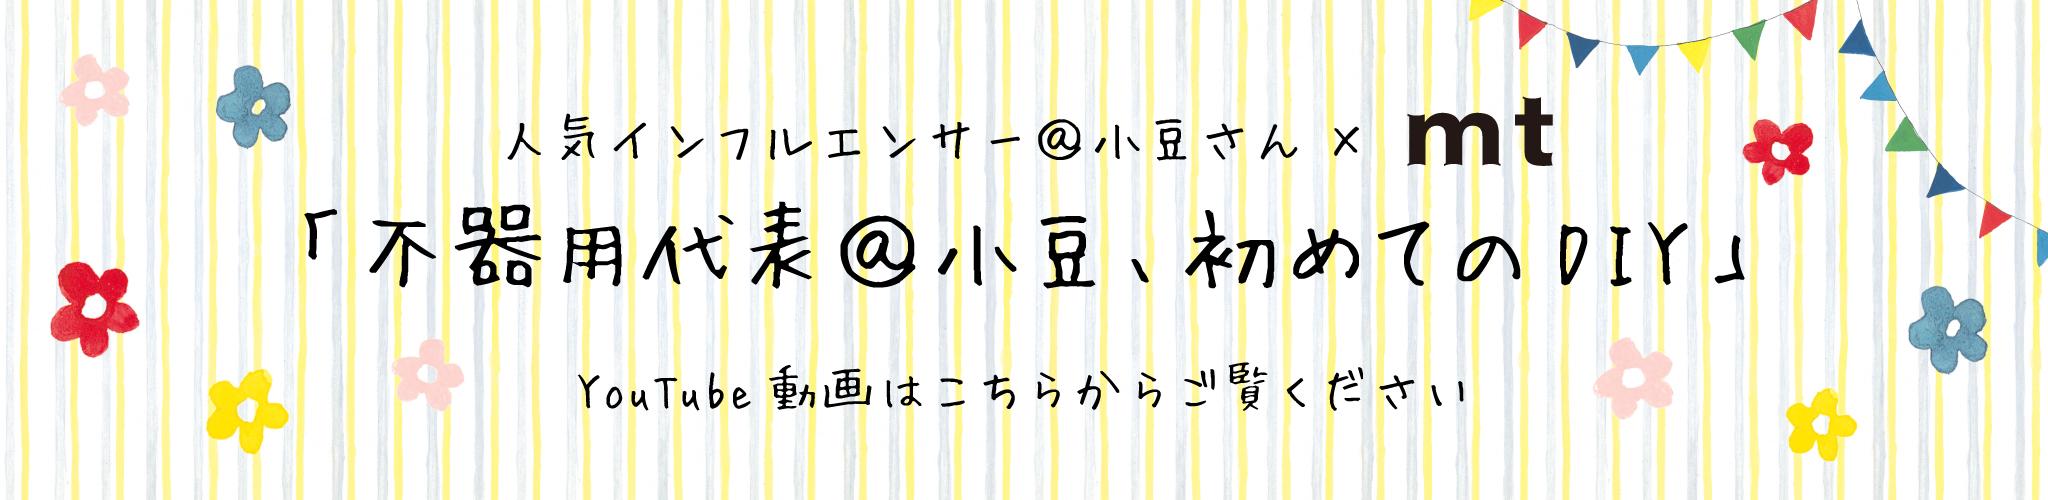 人気インフルエンサー@小豆さんXmt「不器用代表@小豆、初めてのDIY」